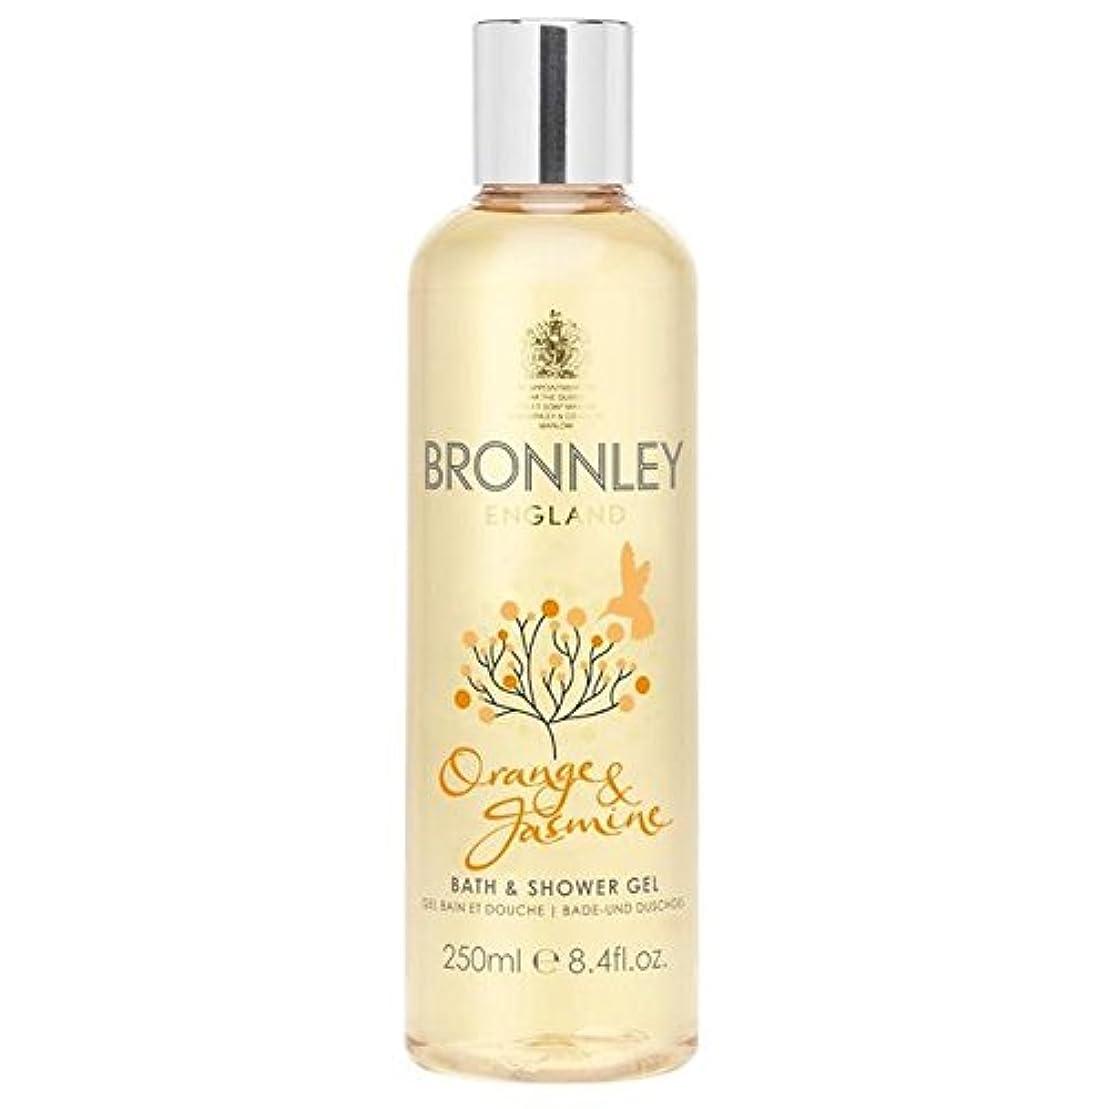 大腿軽量リネンオレンジ&ジャスミンバス&シャワージェル250ミリリットル x2 - Bronnley Orange & Jasmine Bath & Shower Gel 250ml (Pack of 2) [並行輸入品]